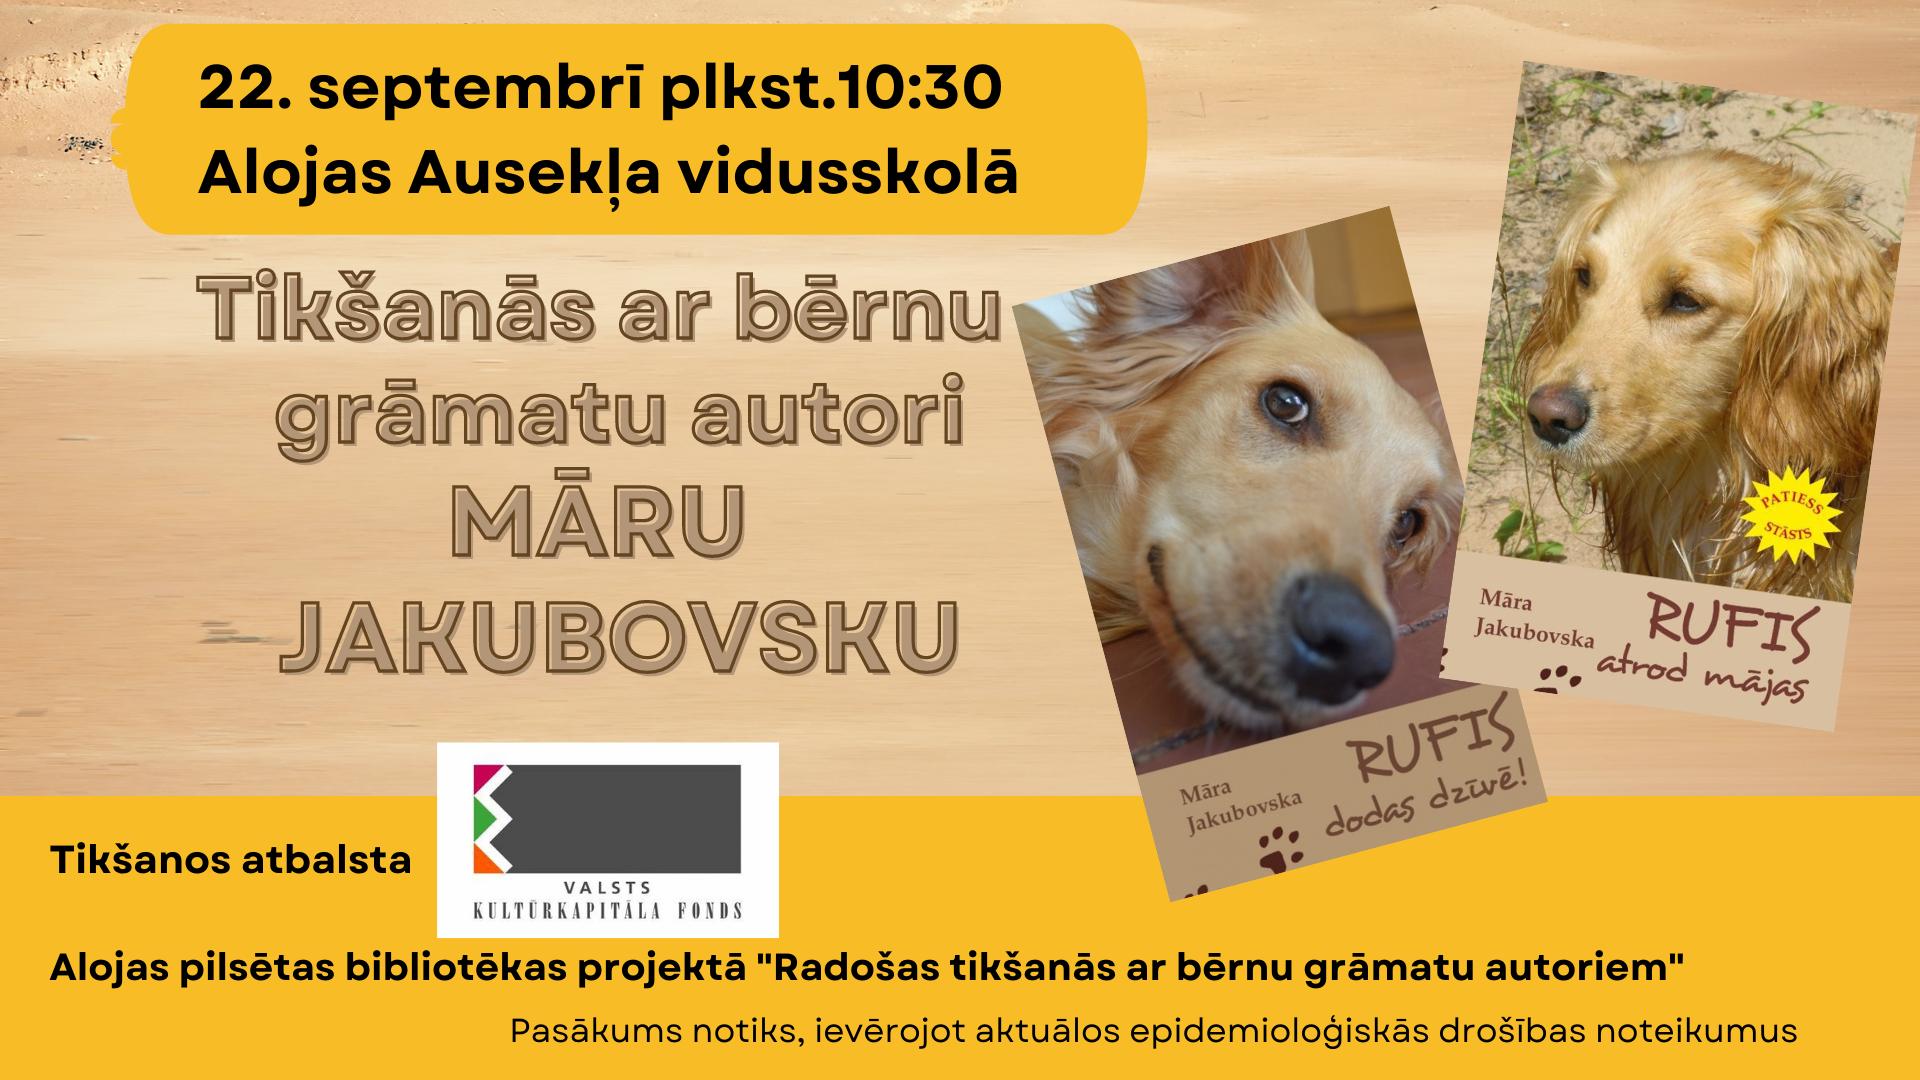 Tikšanās ar bērnu grāmatu autori Māru Jakubovsku